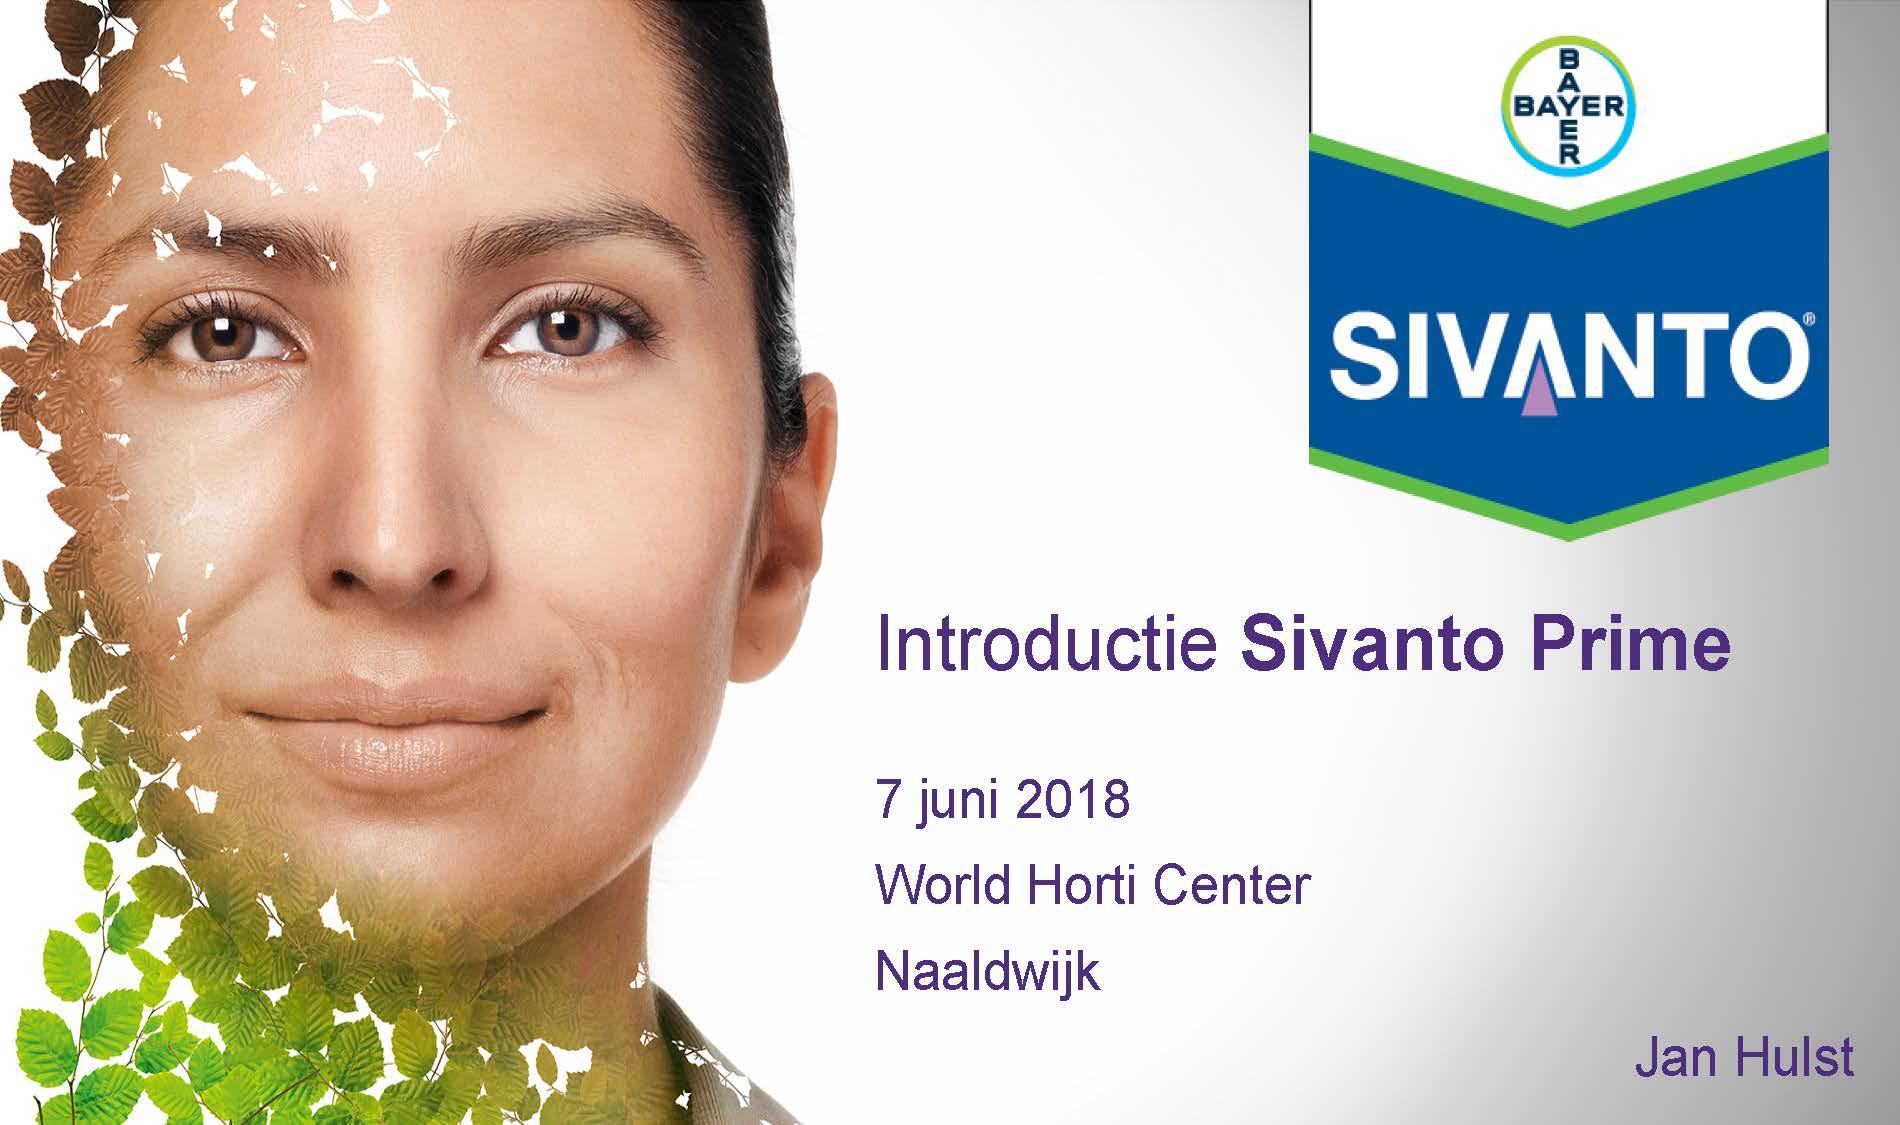 Handout introductielezing Sivanto Prime